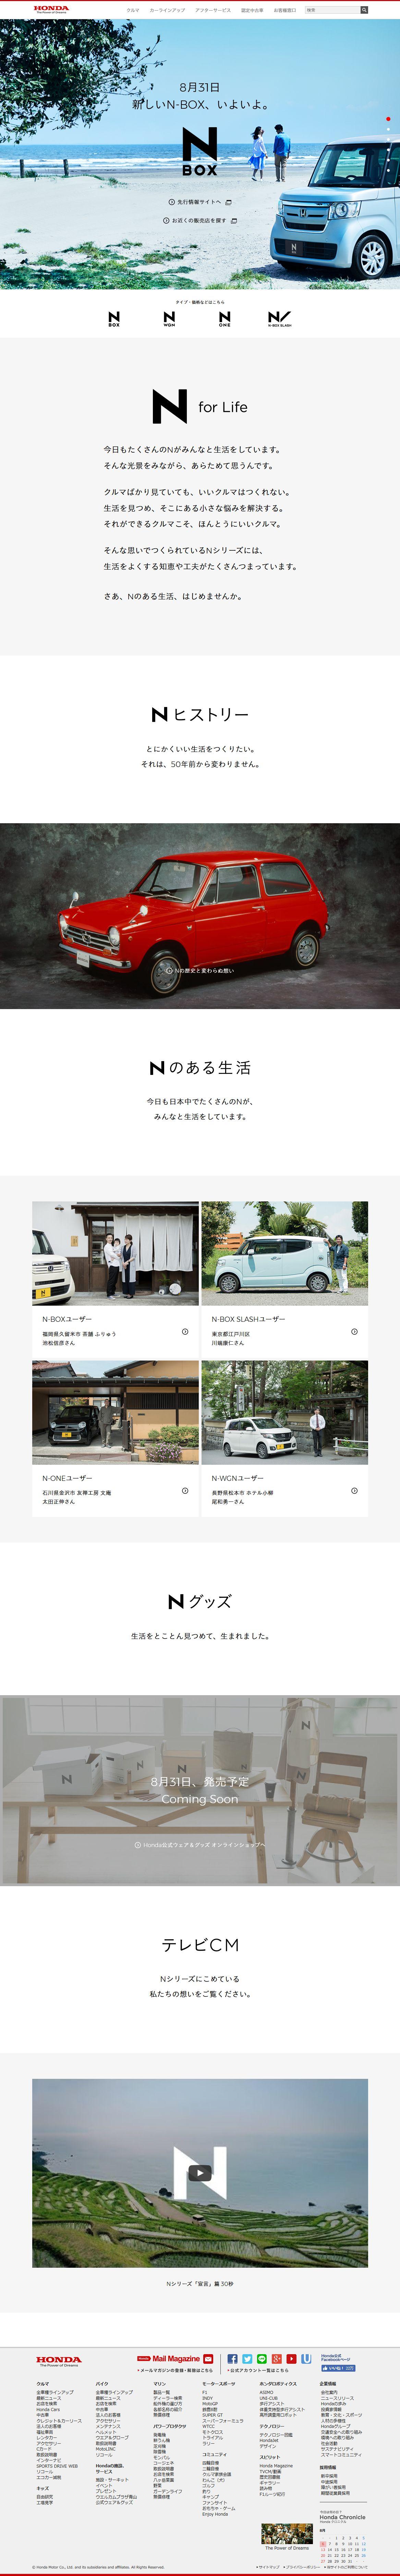 「N」シリーズ|Honda